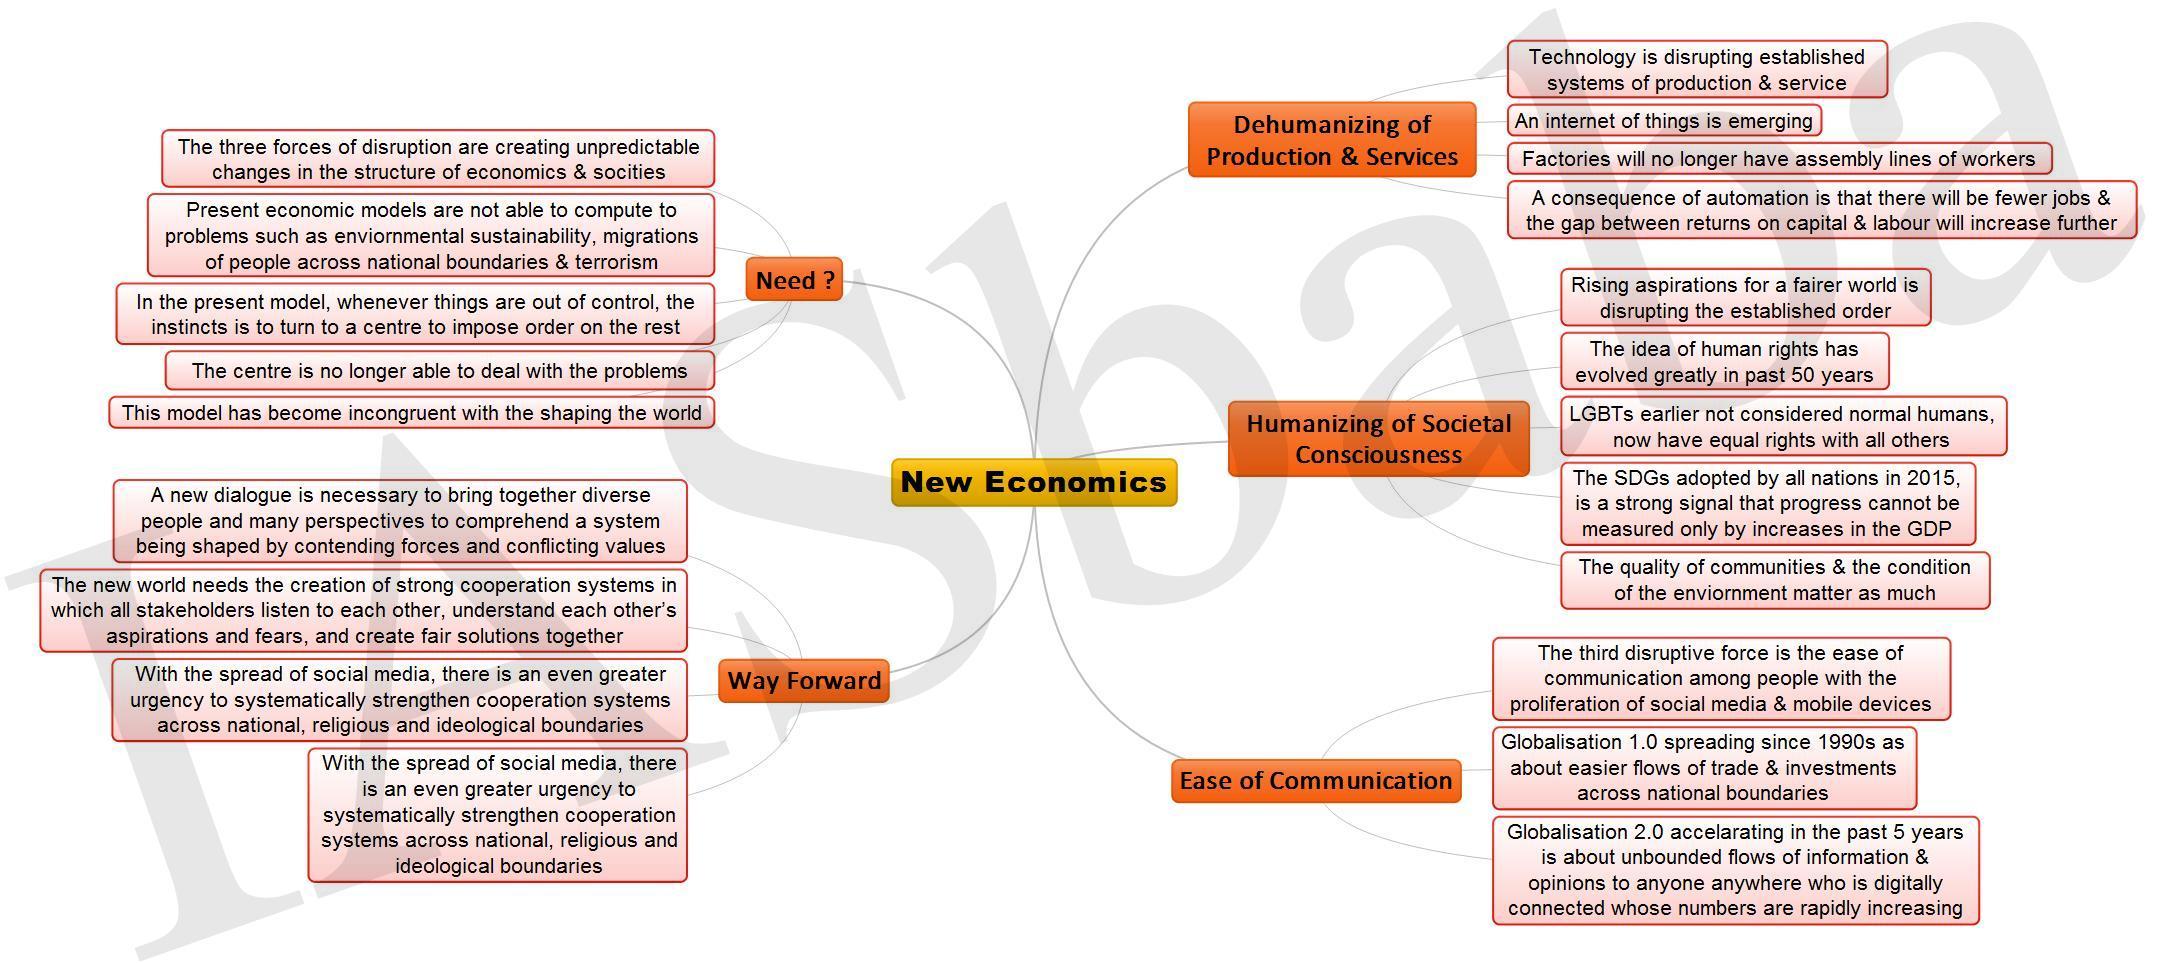 New Economics JPEG